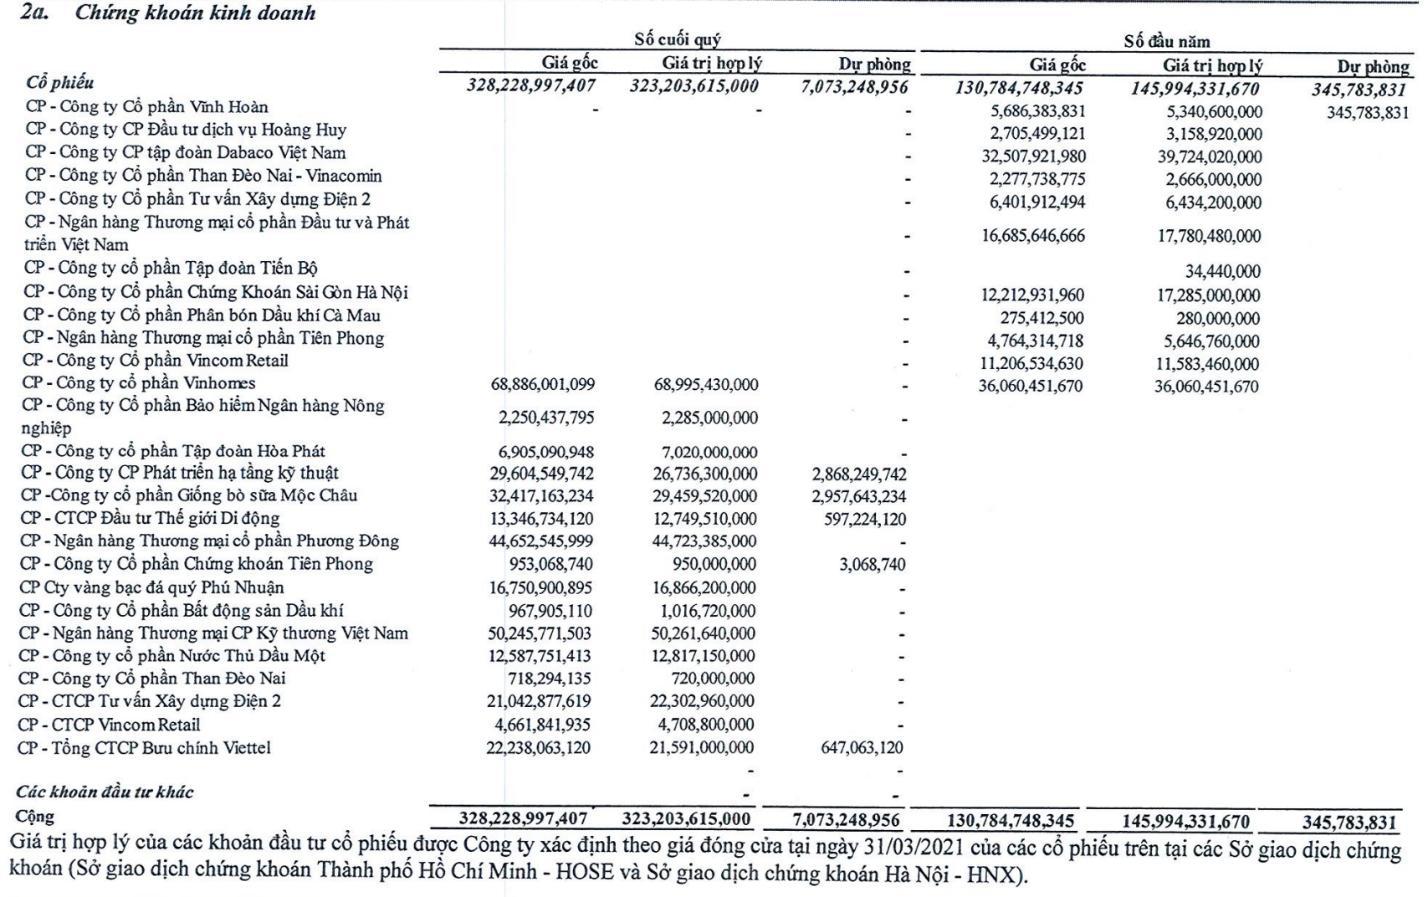 Nhà Đà Nẵng (NDN) bơm thêm gần 200 tỷ đồng mua cổ phiếu, tập trung gom nhiều bluechips - Ảnh 3.